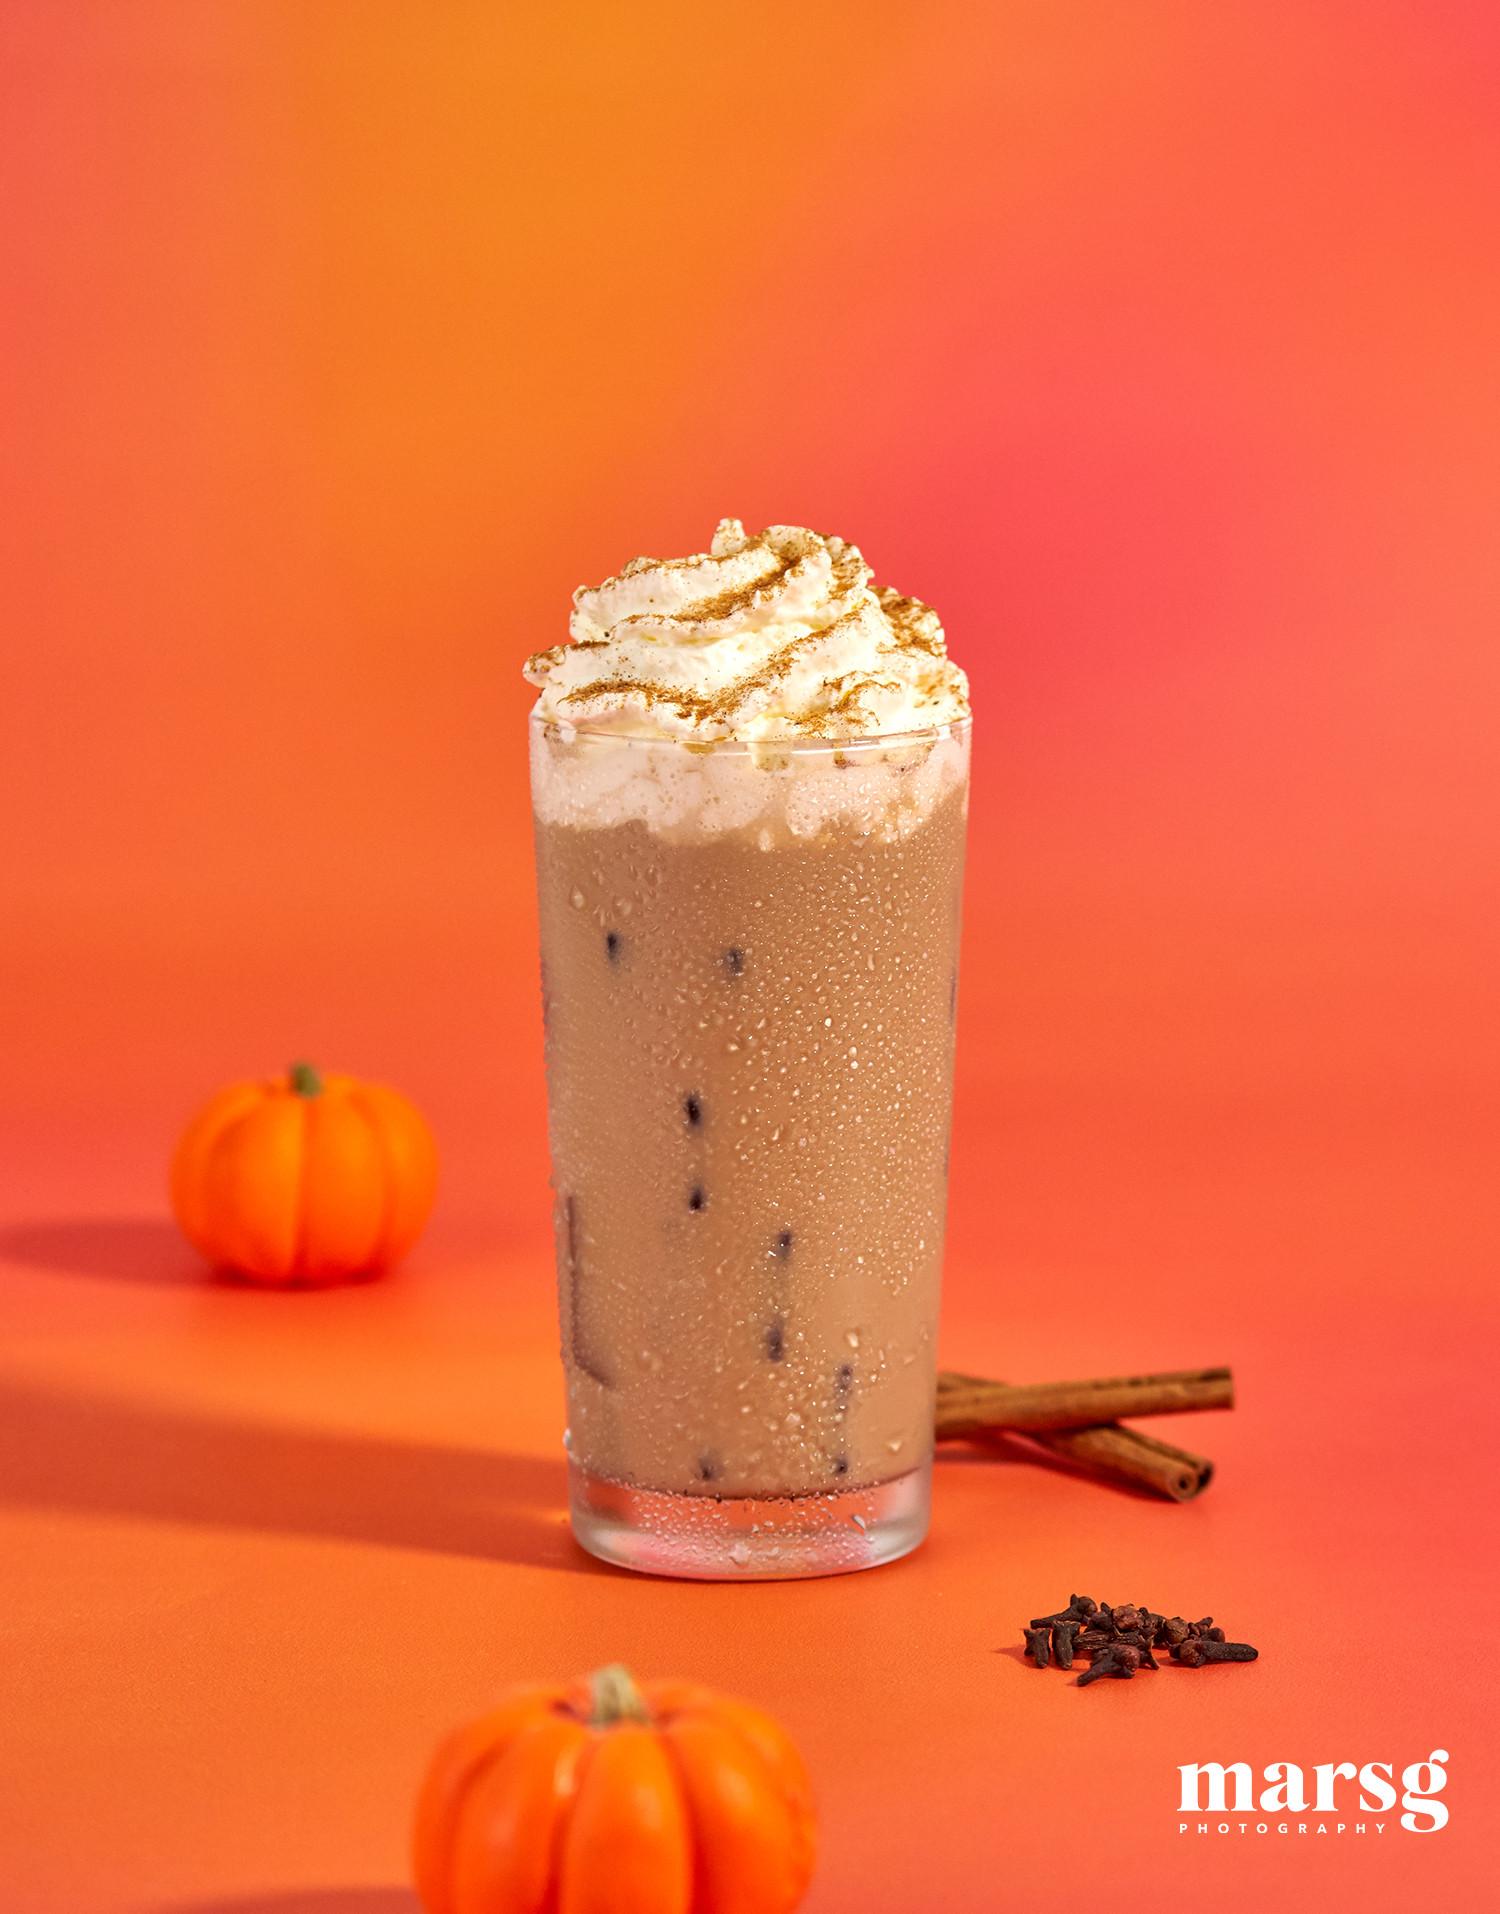 Starbucks PSL Edited 4.jpg